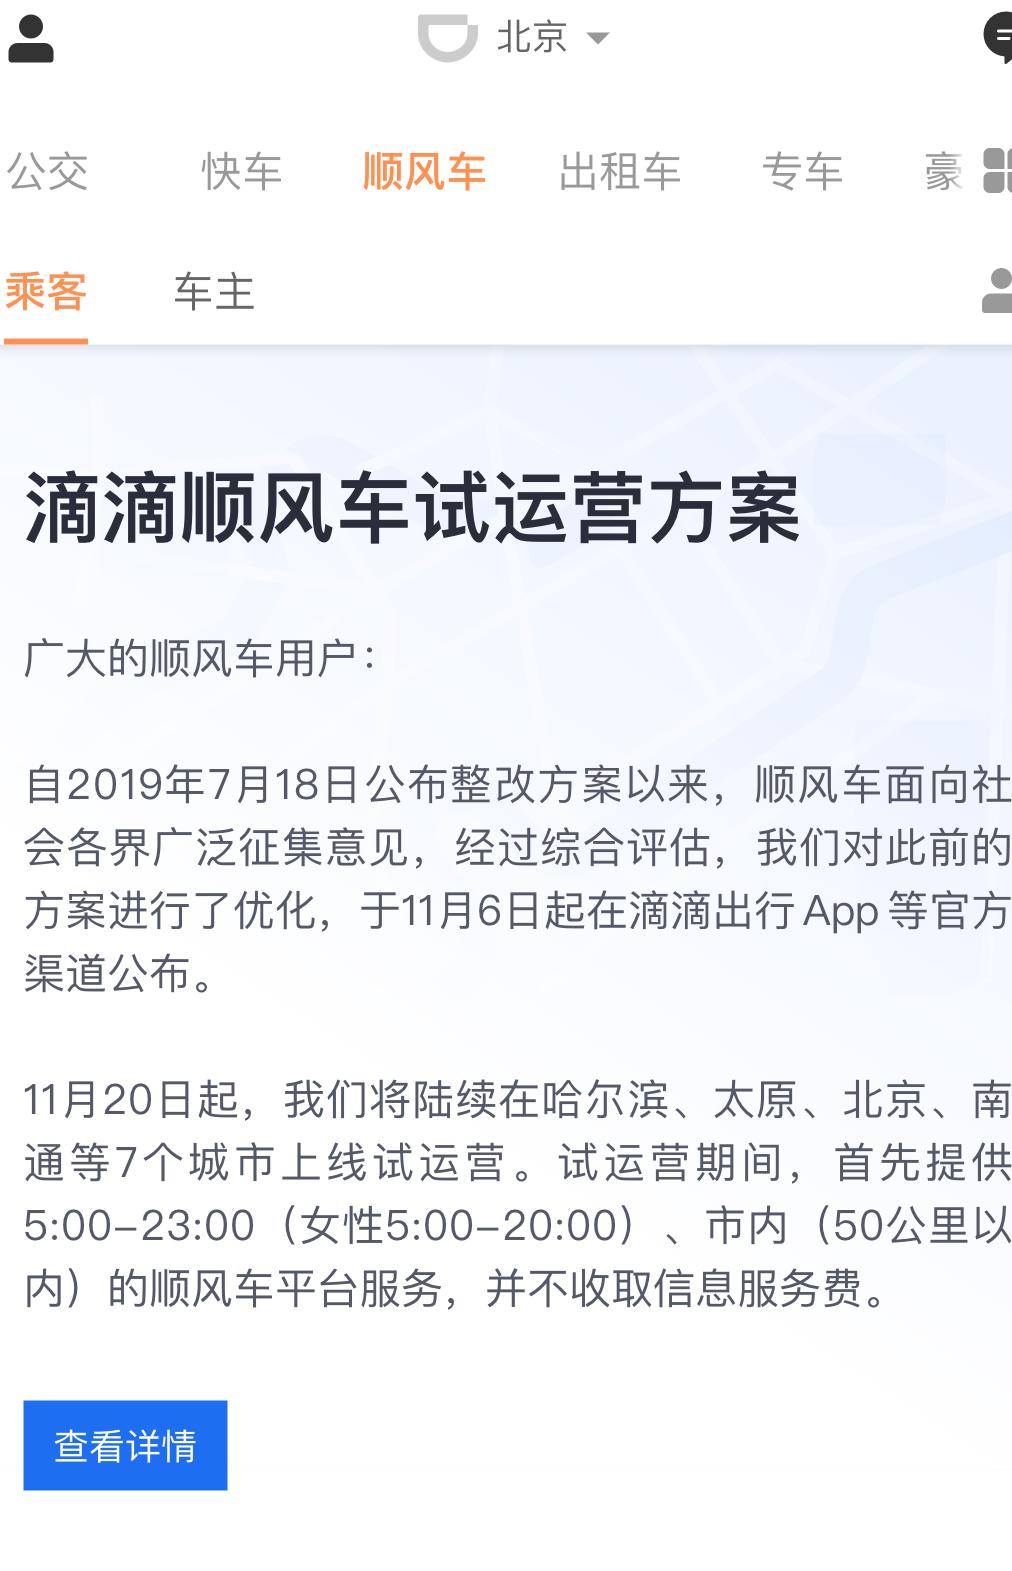 北京马拉松新纪录是什么情况?真相原来是这样!